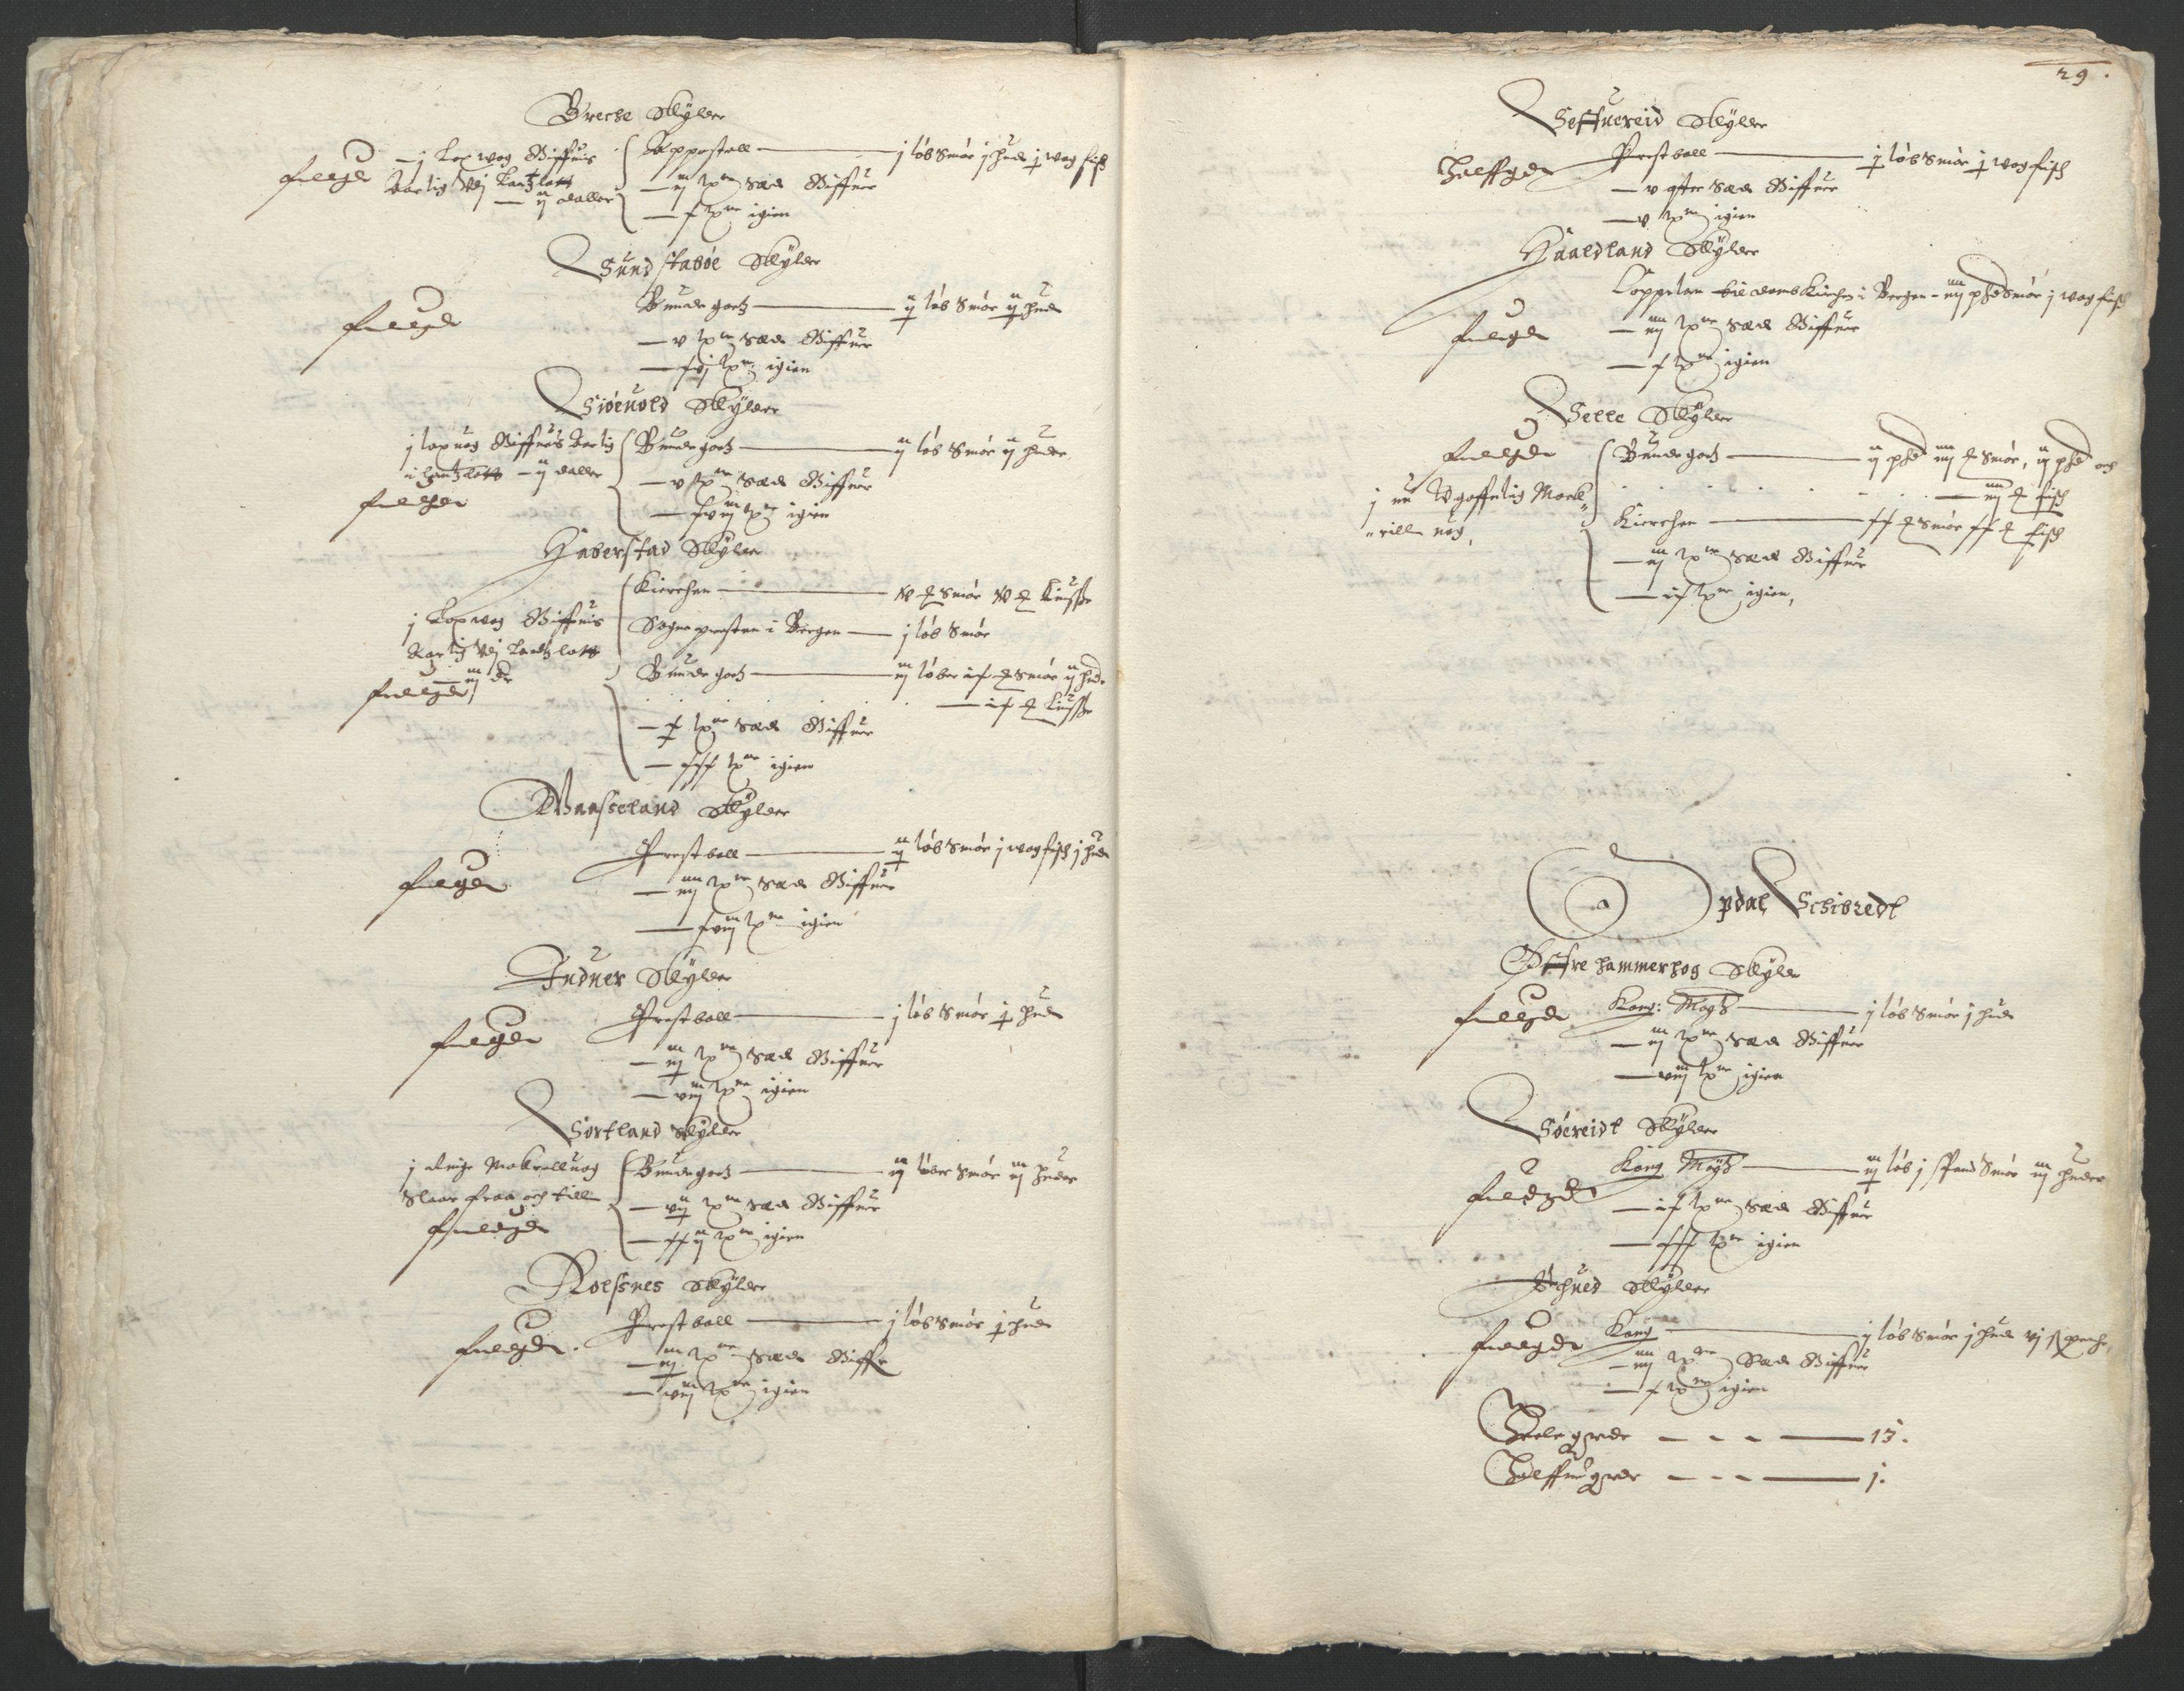 RA, Stattholderembetet 1572-1771, Ek/L0004: Jordebøker til utlikning av garnisonsskatt 1624-1626:, 1626, s. 33